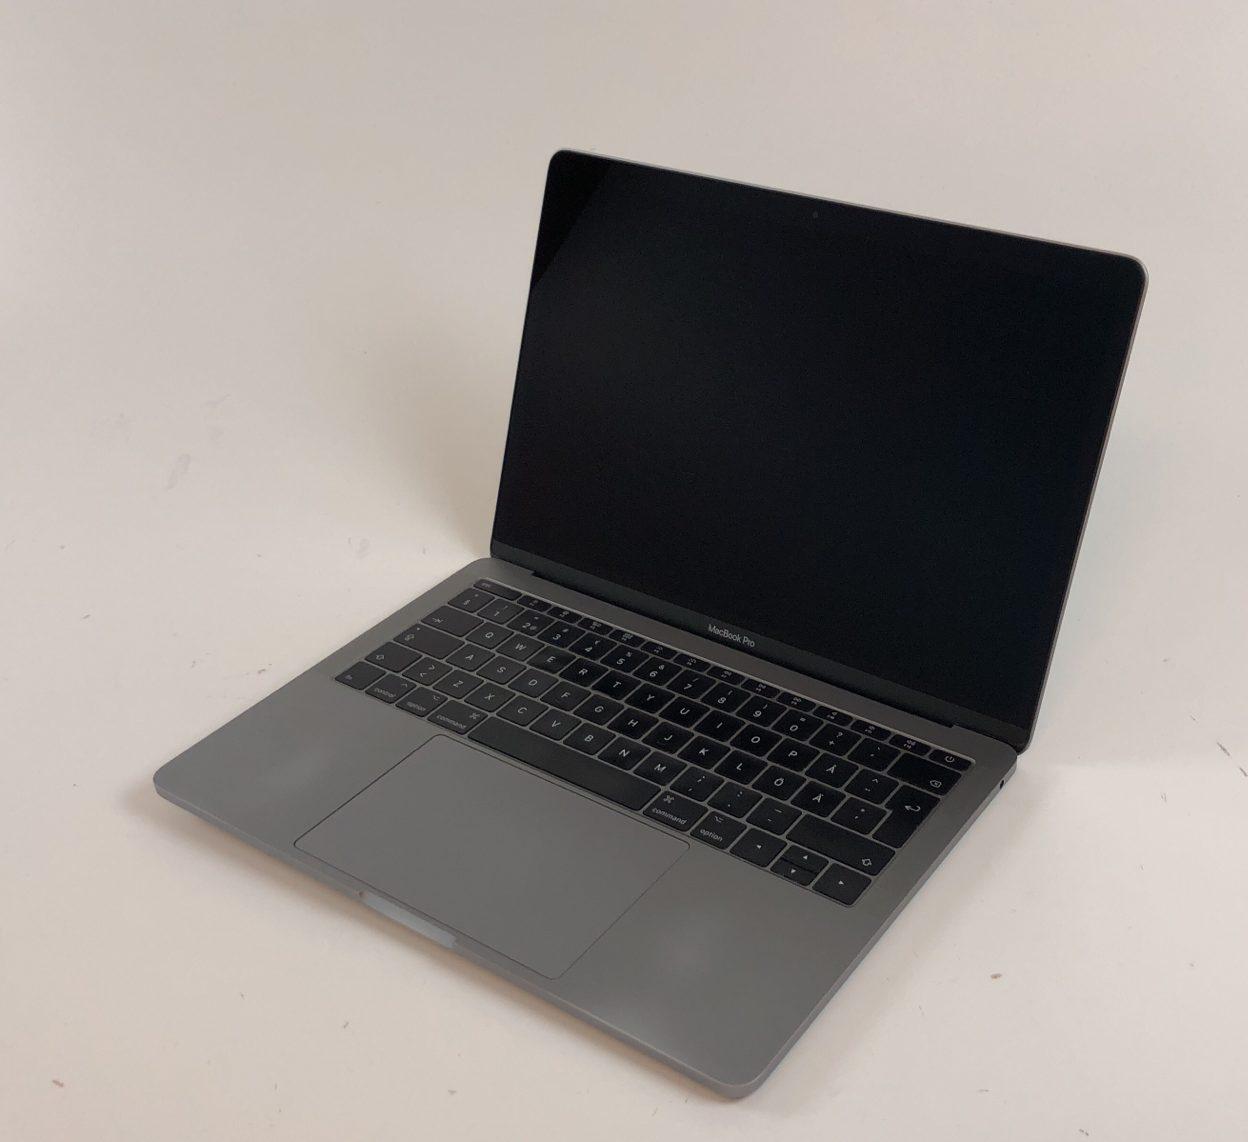 """MacBook Pro 13"""" 2TBT Mid 2017 (Intel Core i7 2.5 GHz 16 GB RAM 256 GB SSD), Space Gray, Intel Core i7 2.5 GHz, 16 GB RAM, 256 GB SSD, Kuva 1"""